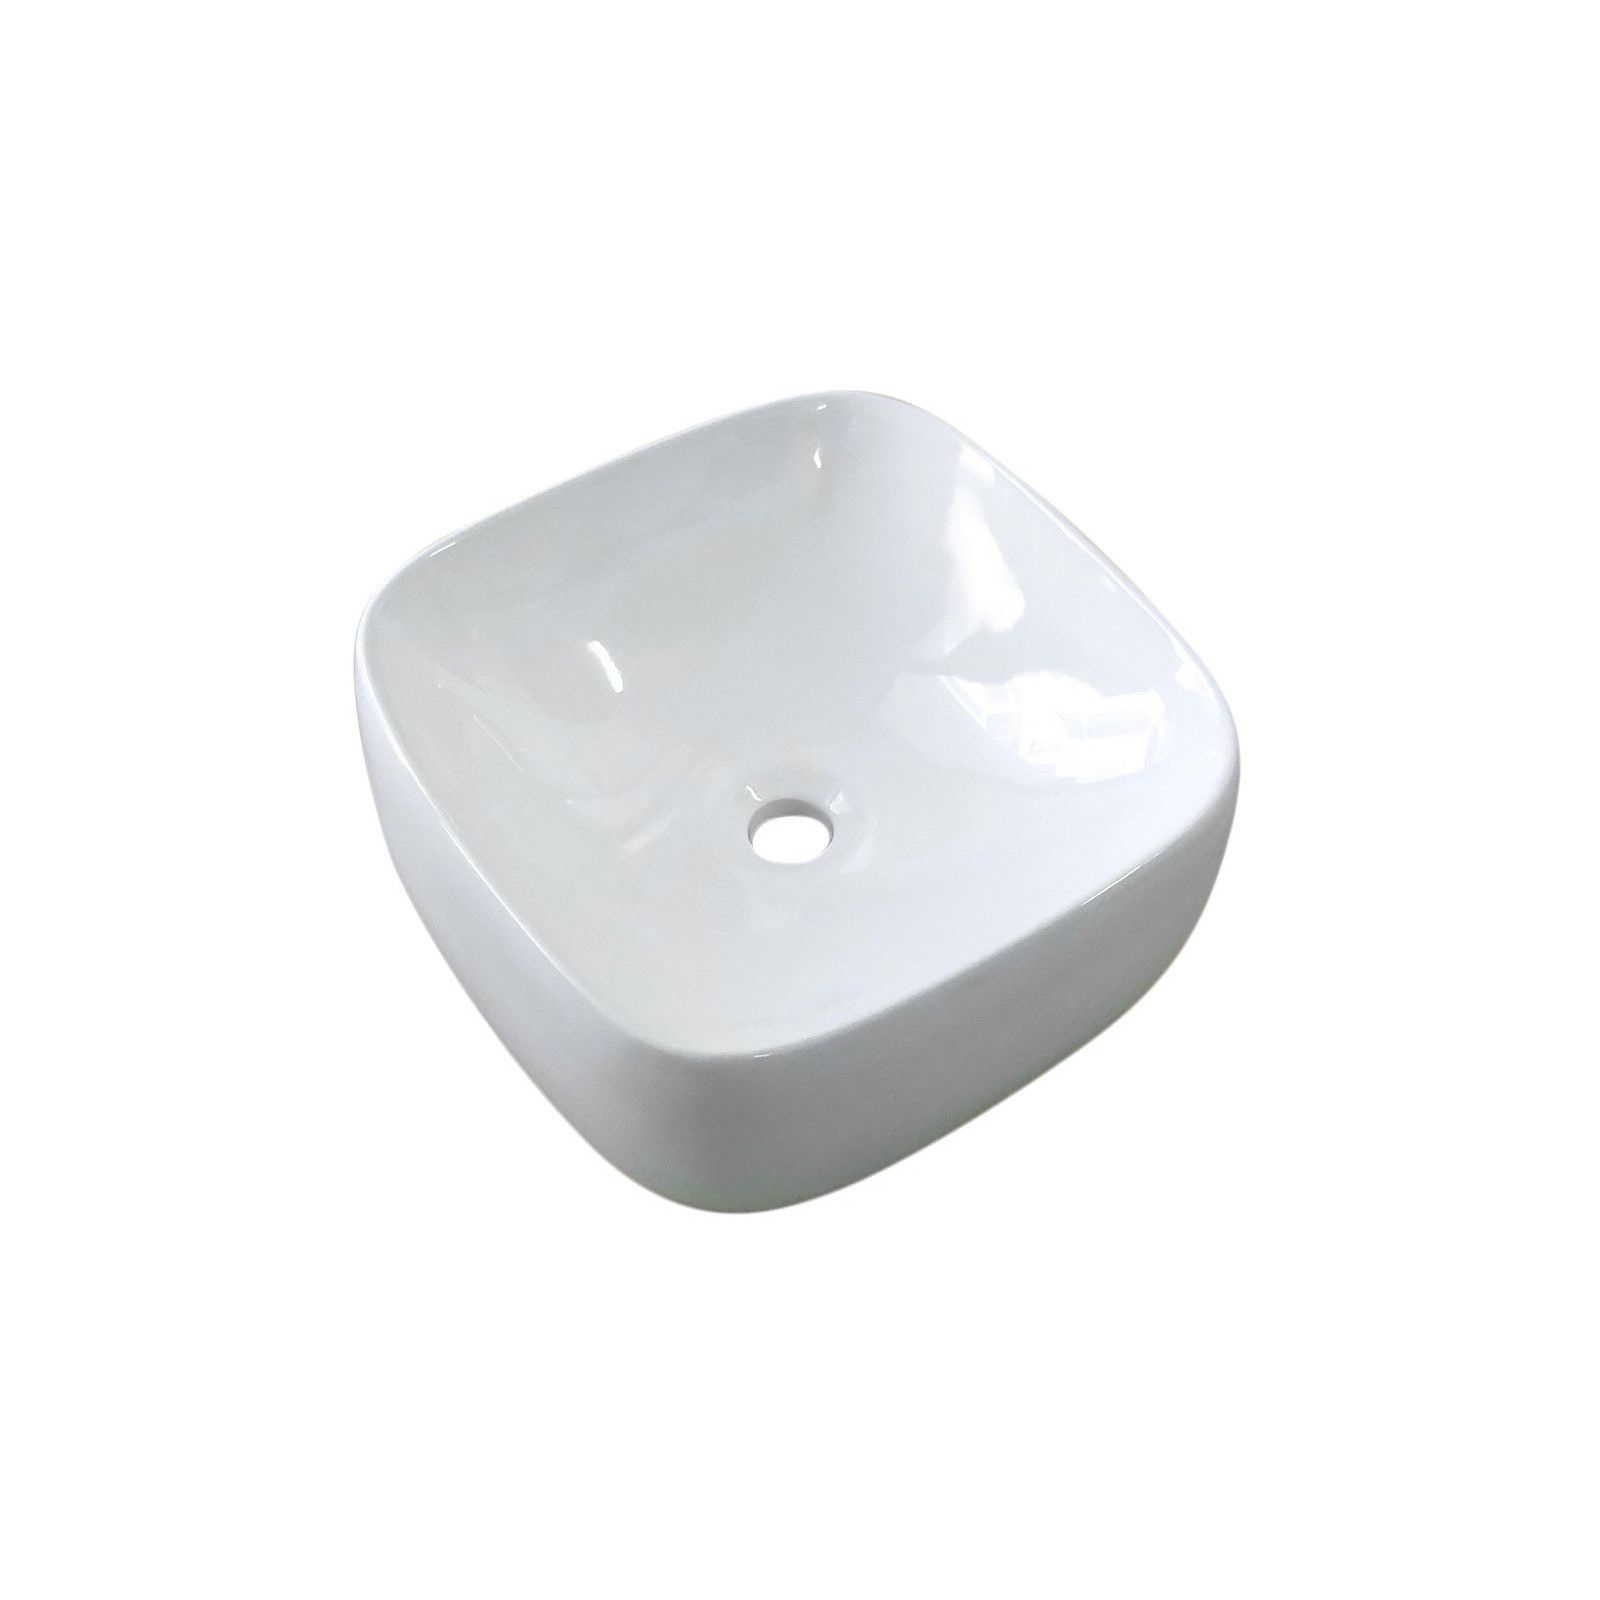 Vasque blanche à poser - Céramique L39 INU